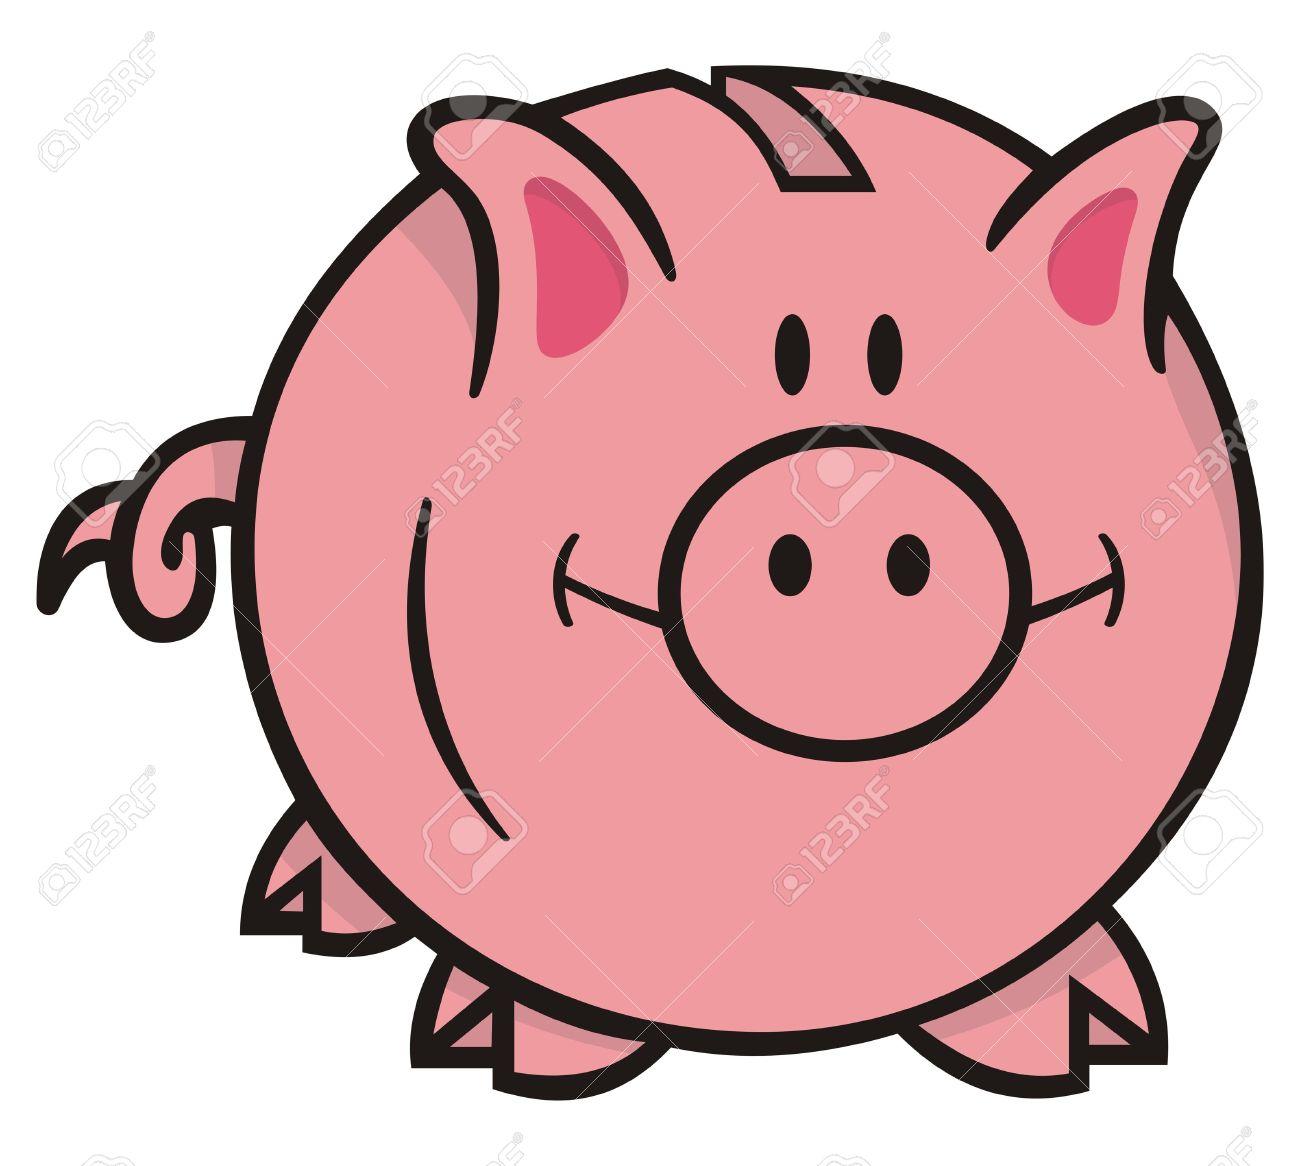 Free Download Best Cute Piggy